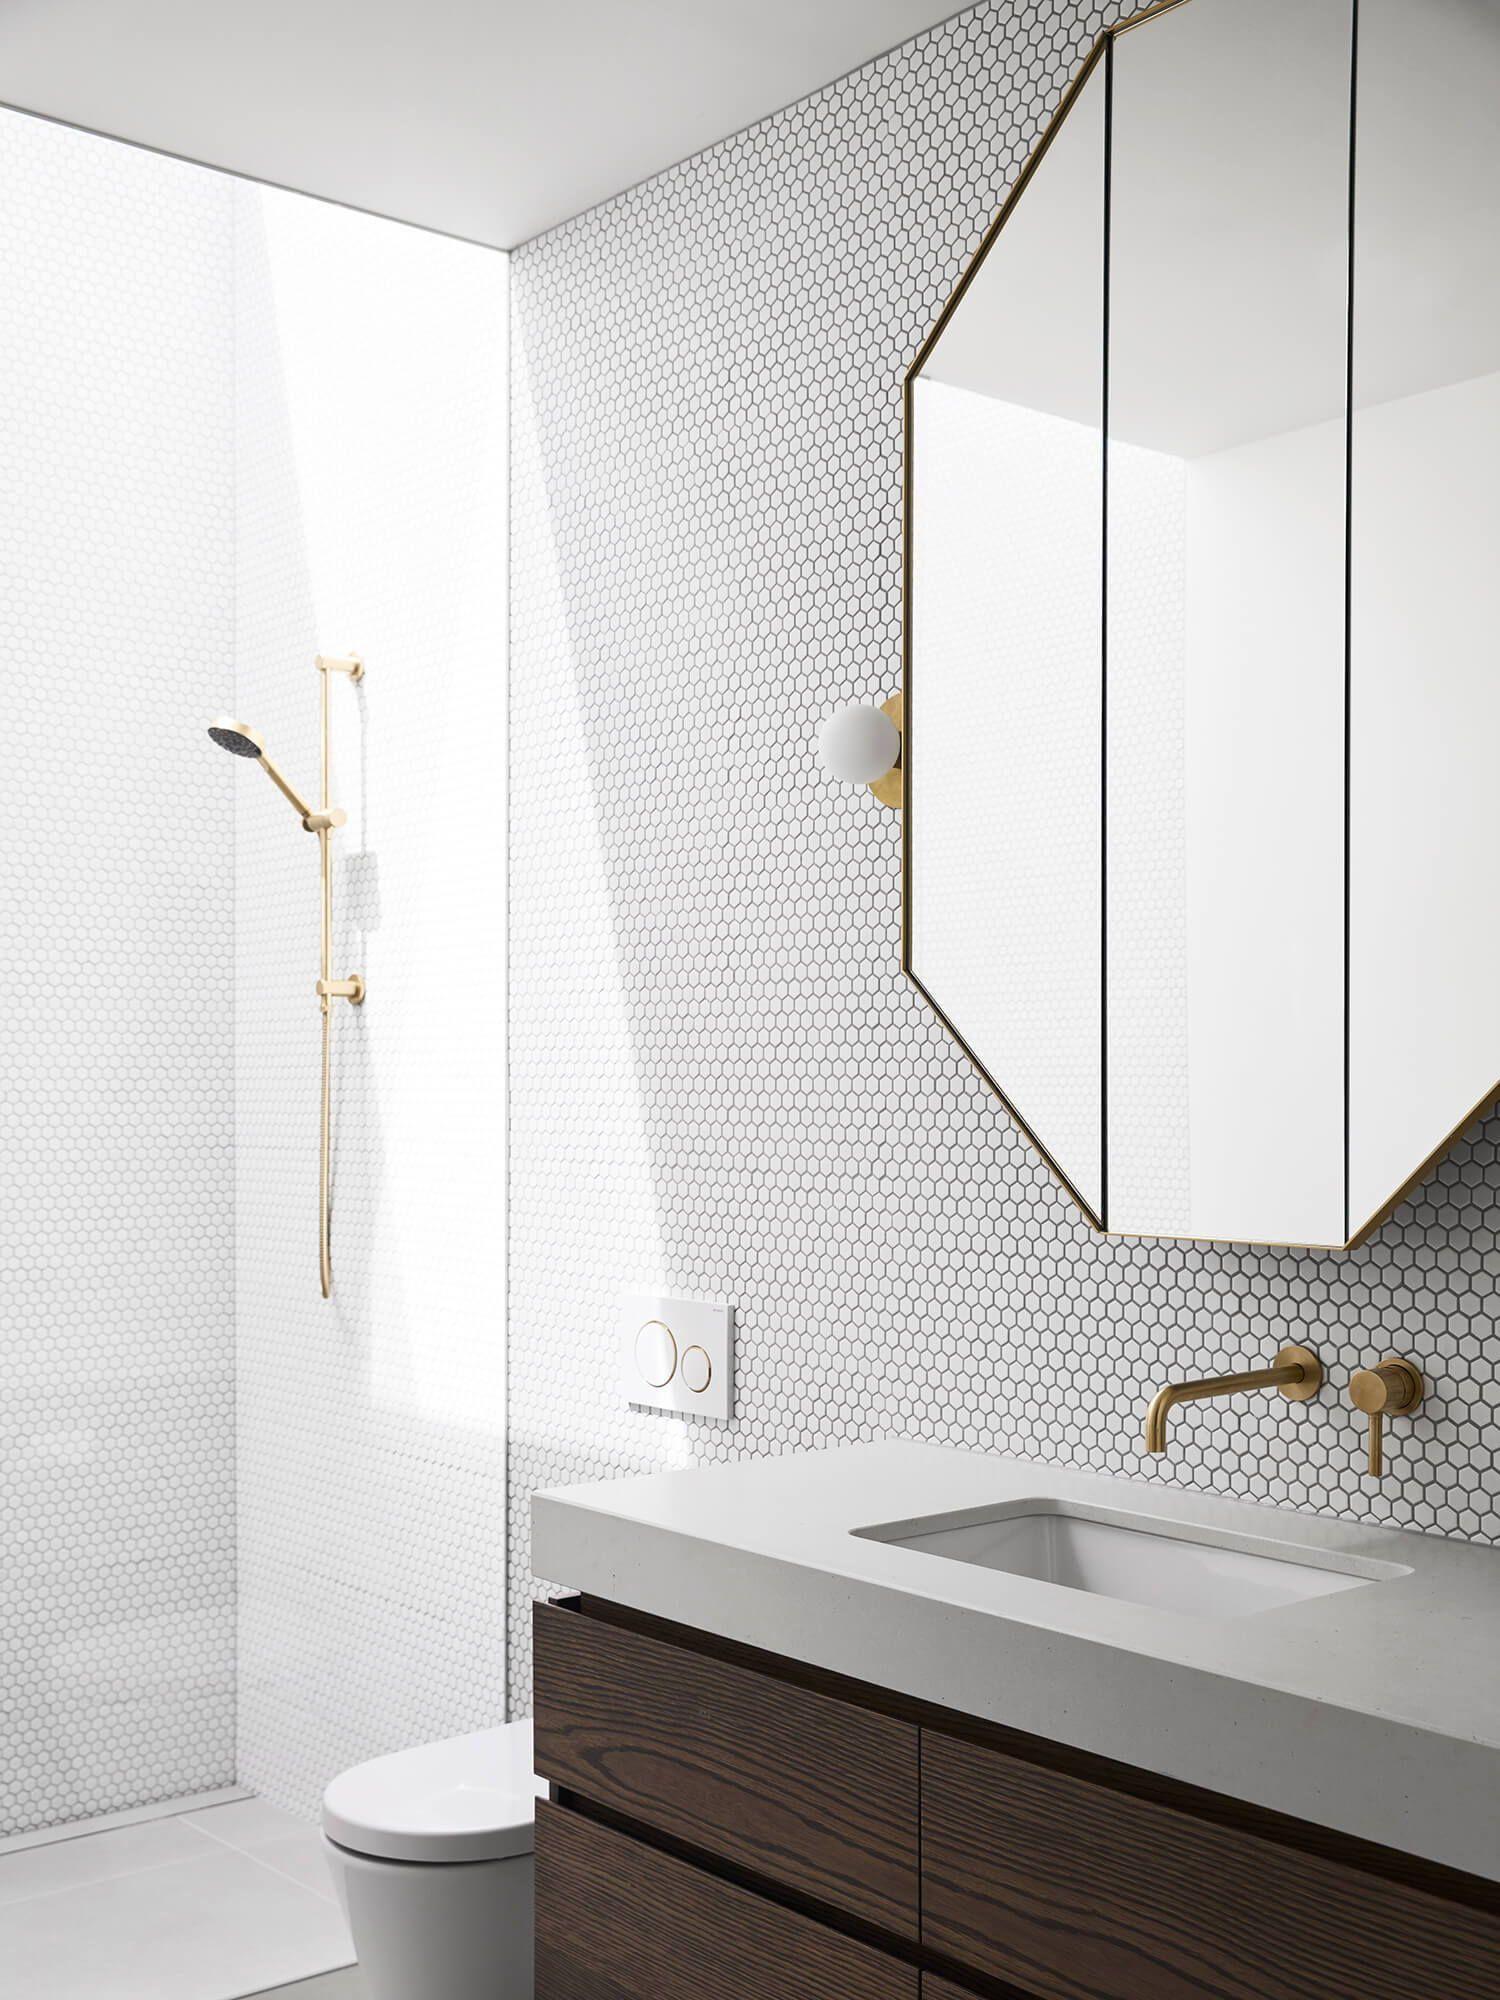 Etre Living Blog Best Bathroom Vanities Bathroom Design Bathroom Tile Designs [ 2000 x 1500 Pixel ]